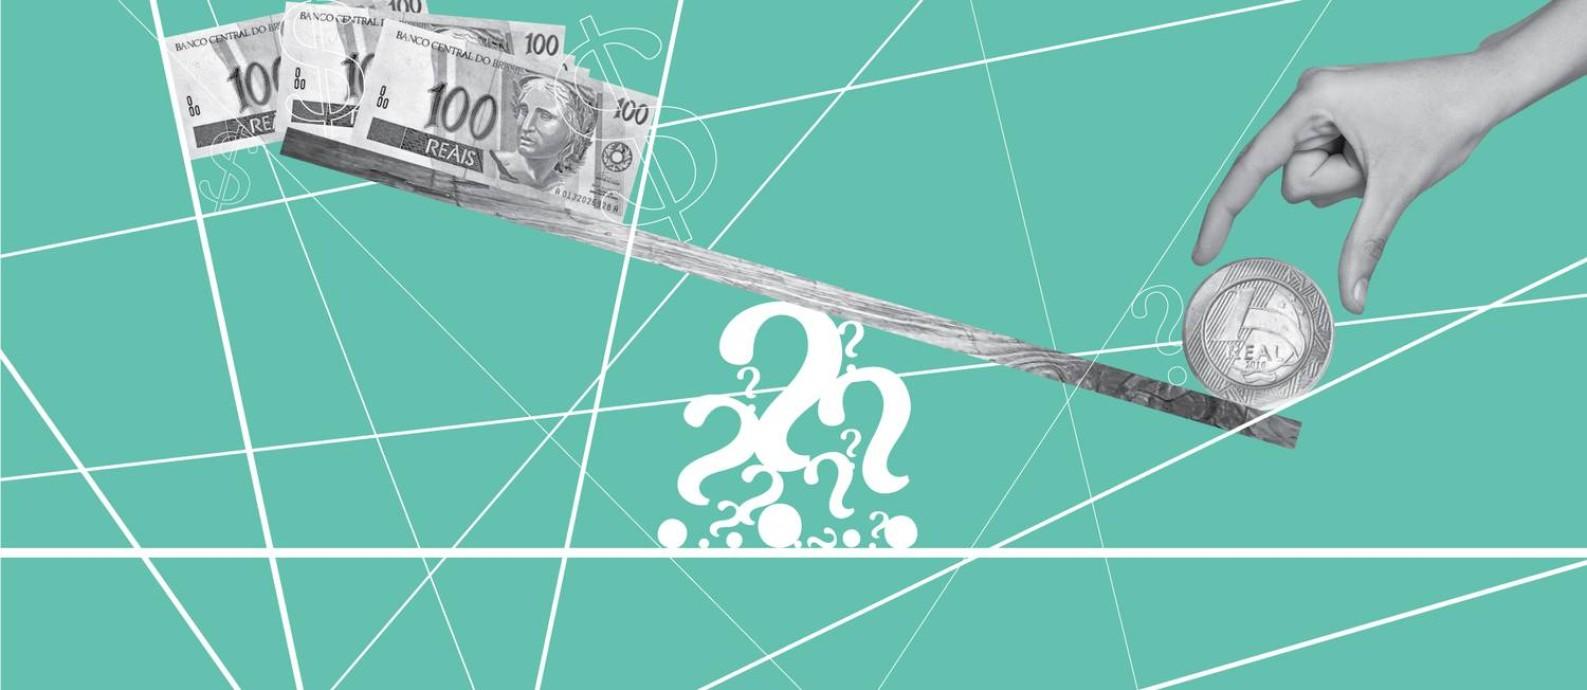 O sistema tributário brasileiro está na contramão da maioria dos países e ainda não há indicação de que a reforma que começa a ser discutida em Brasília será capaz de alterar esse rumo Foto: Editoria de Arte